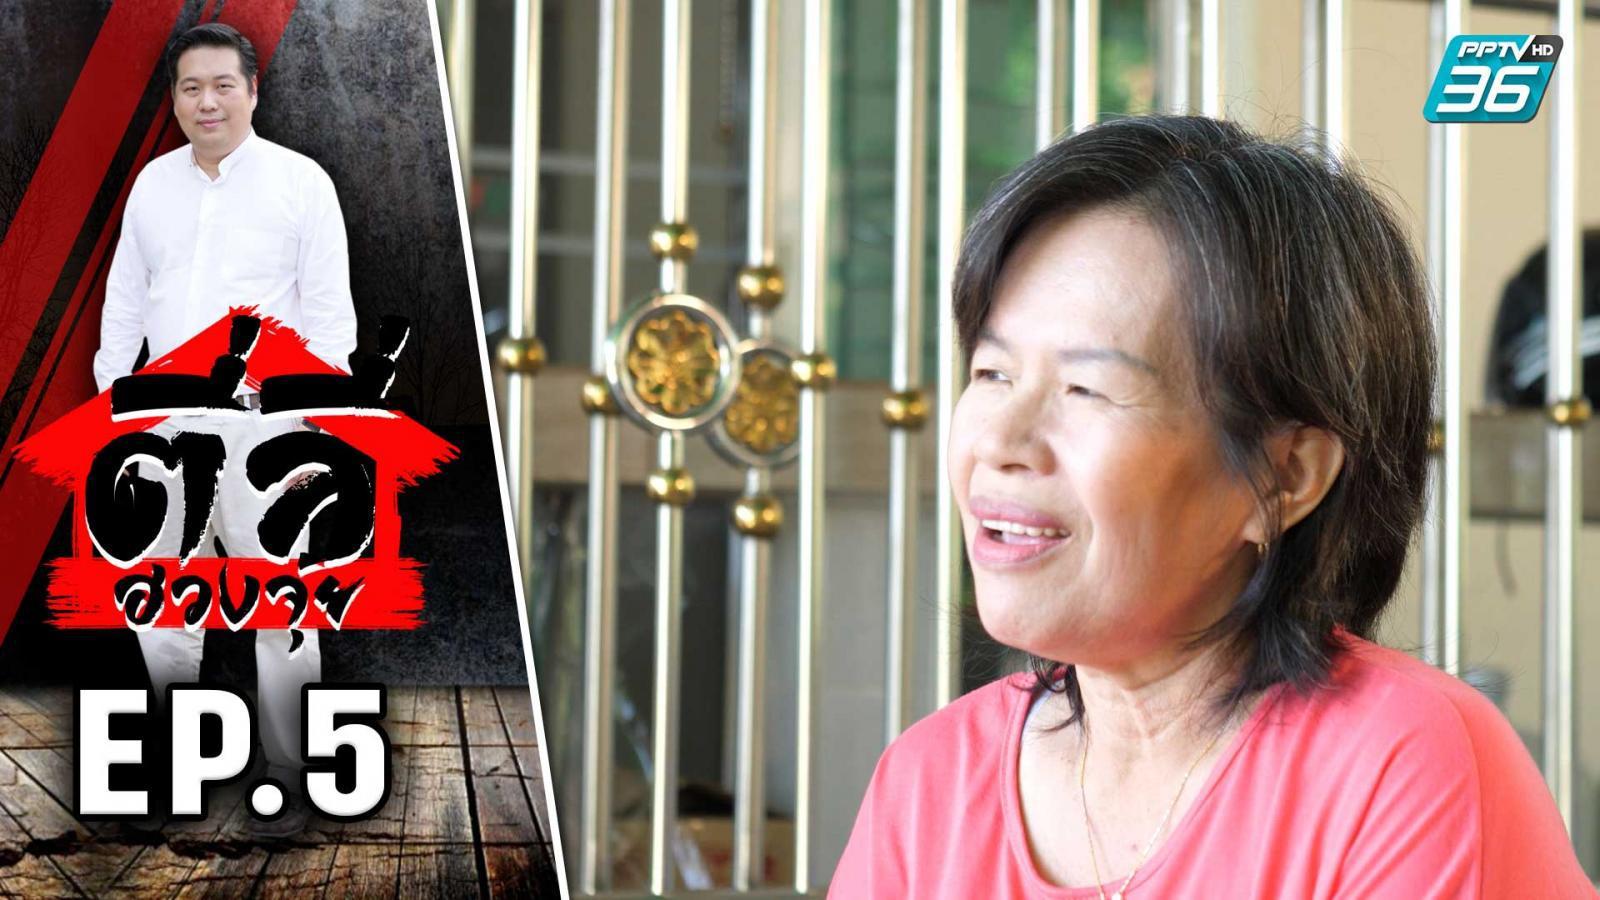 ตี่ลี่ฮวงจุ้ย   ตอน ชีวิตของผู้หญิงและสามีสู้ชีวิต EP.5   PPTV HD 36